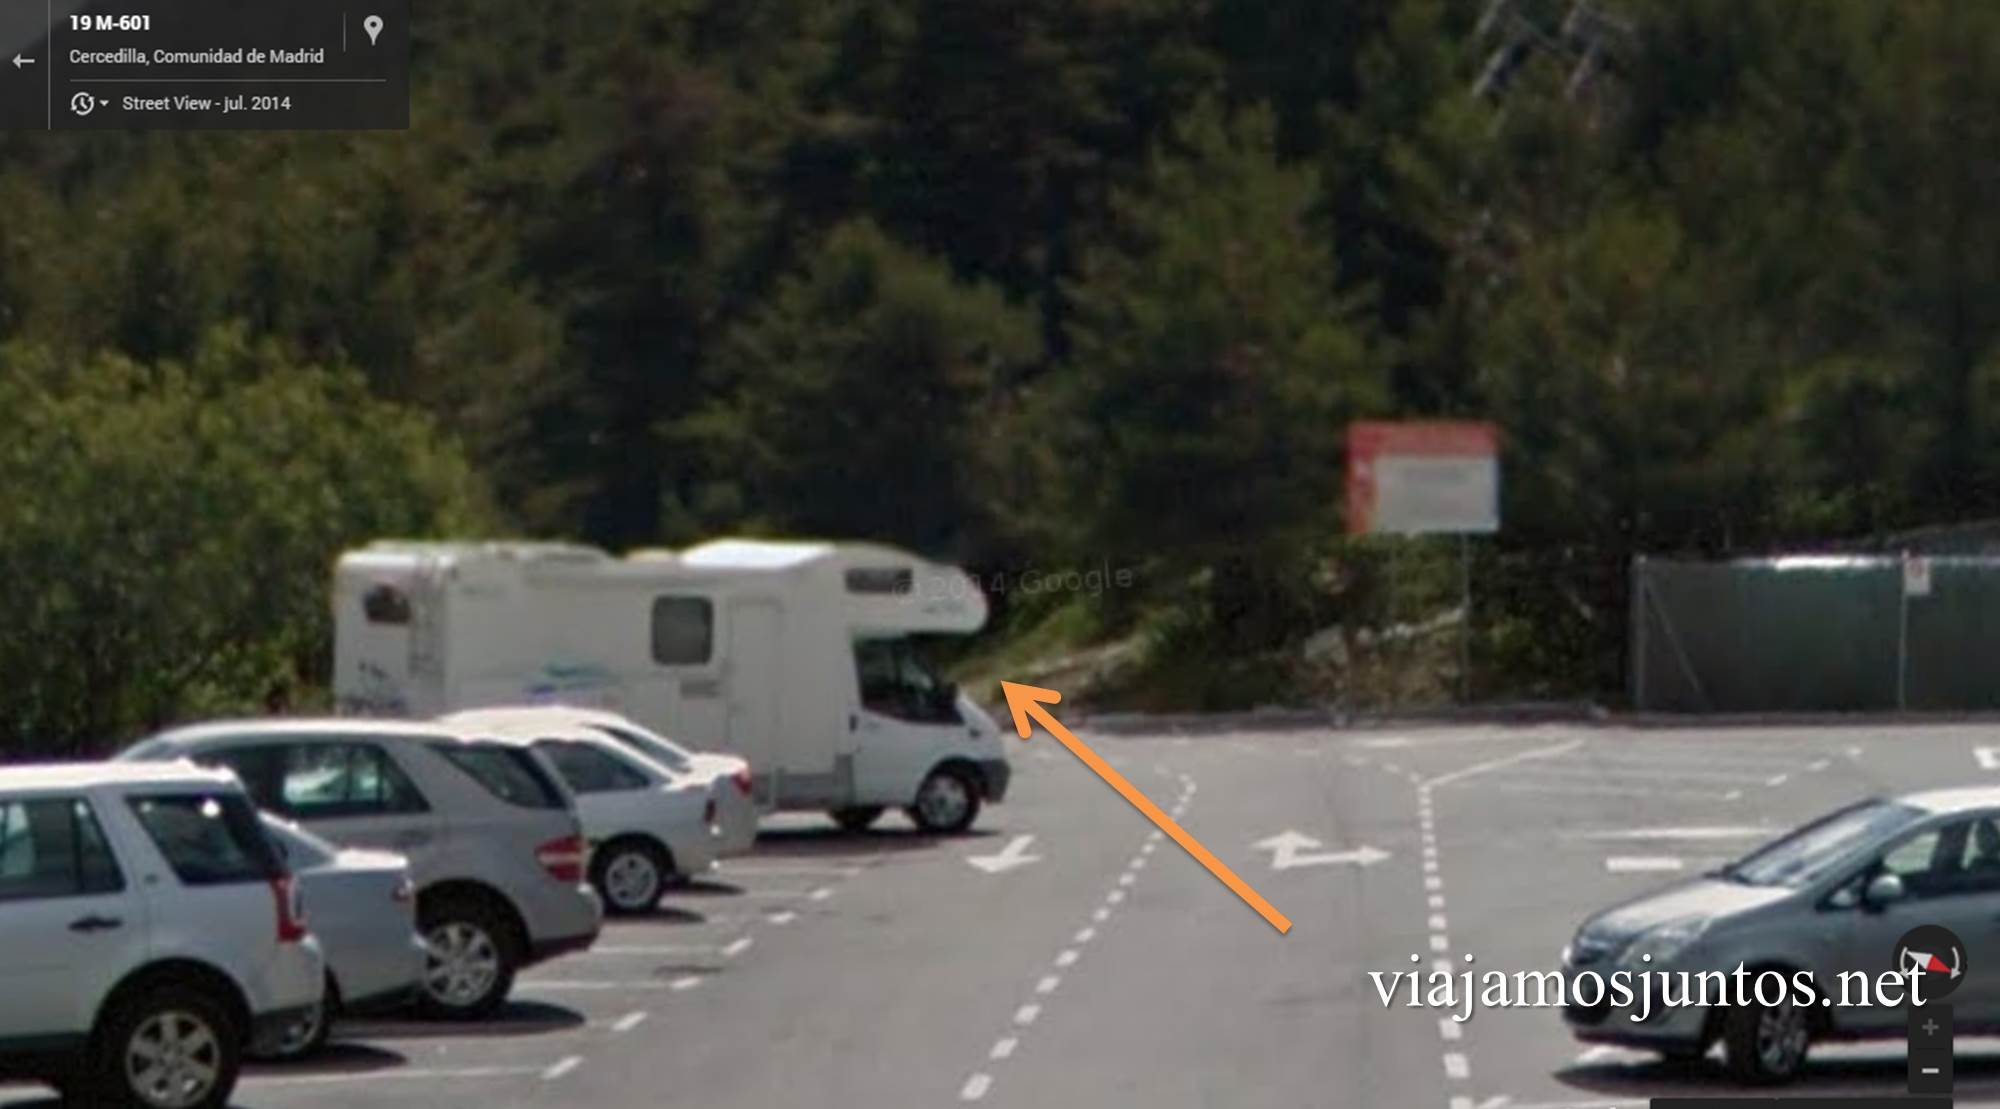 Comienzo de la ruta en el parking, ruta circular de Siete Picos, Parque Nacional Sierra de Guadarrama, Madrid, Castilla y León